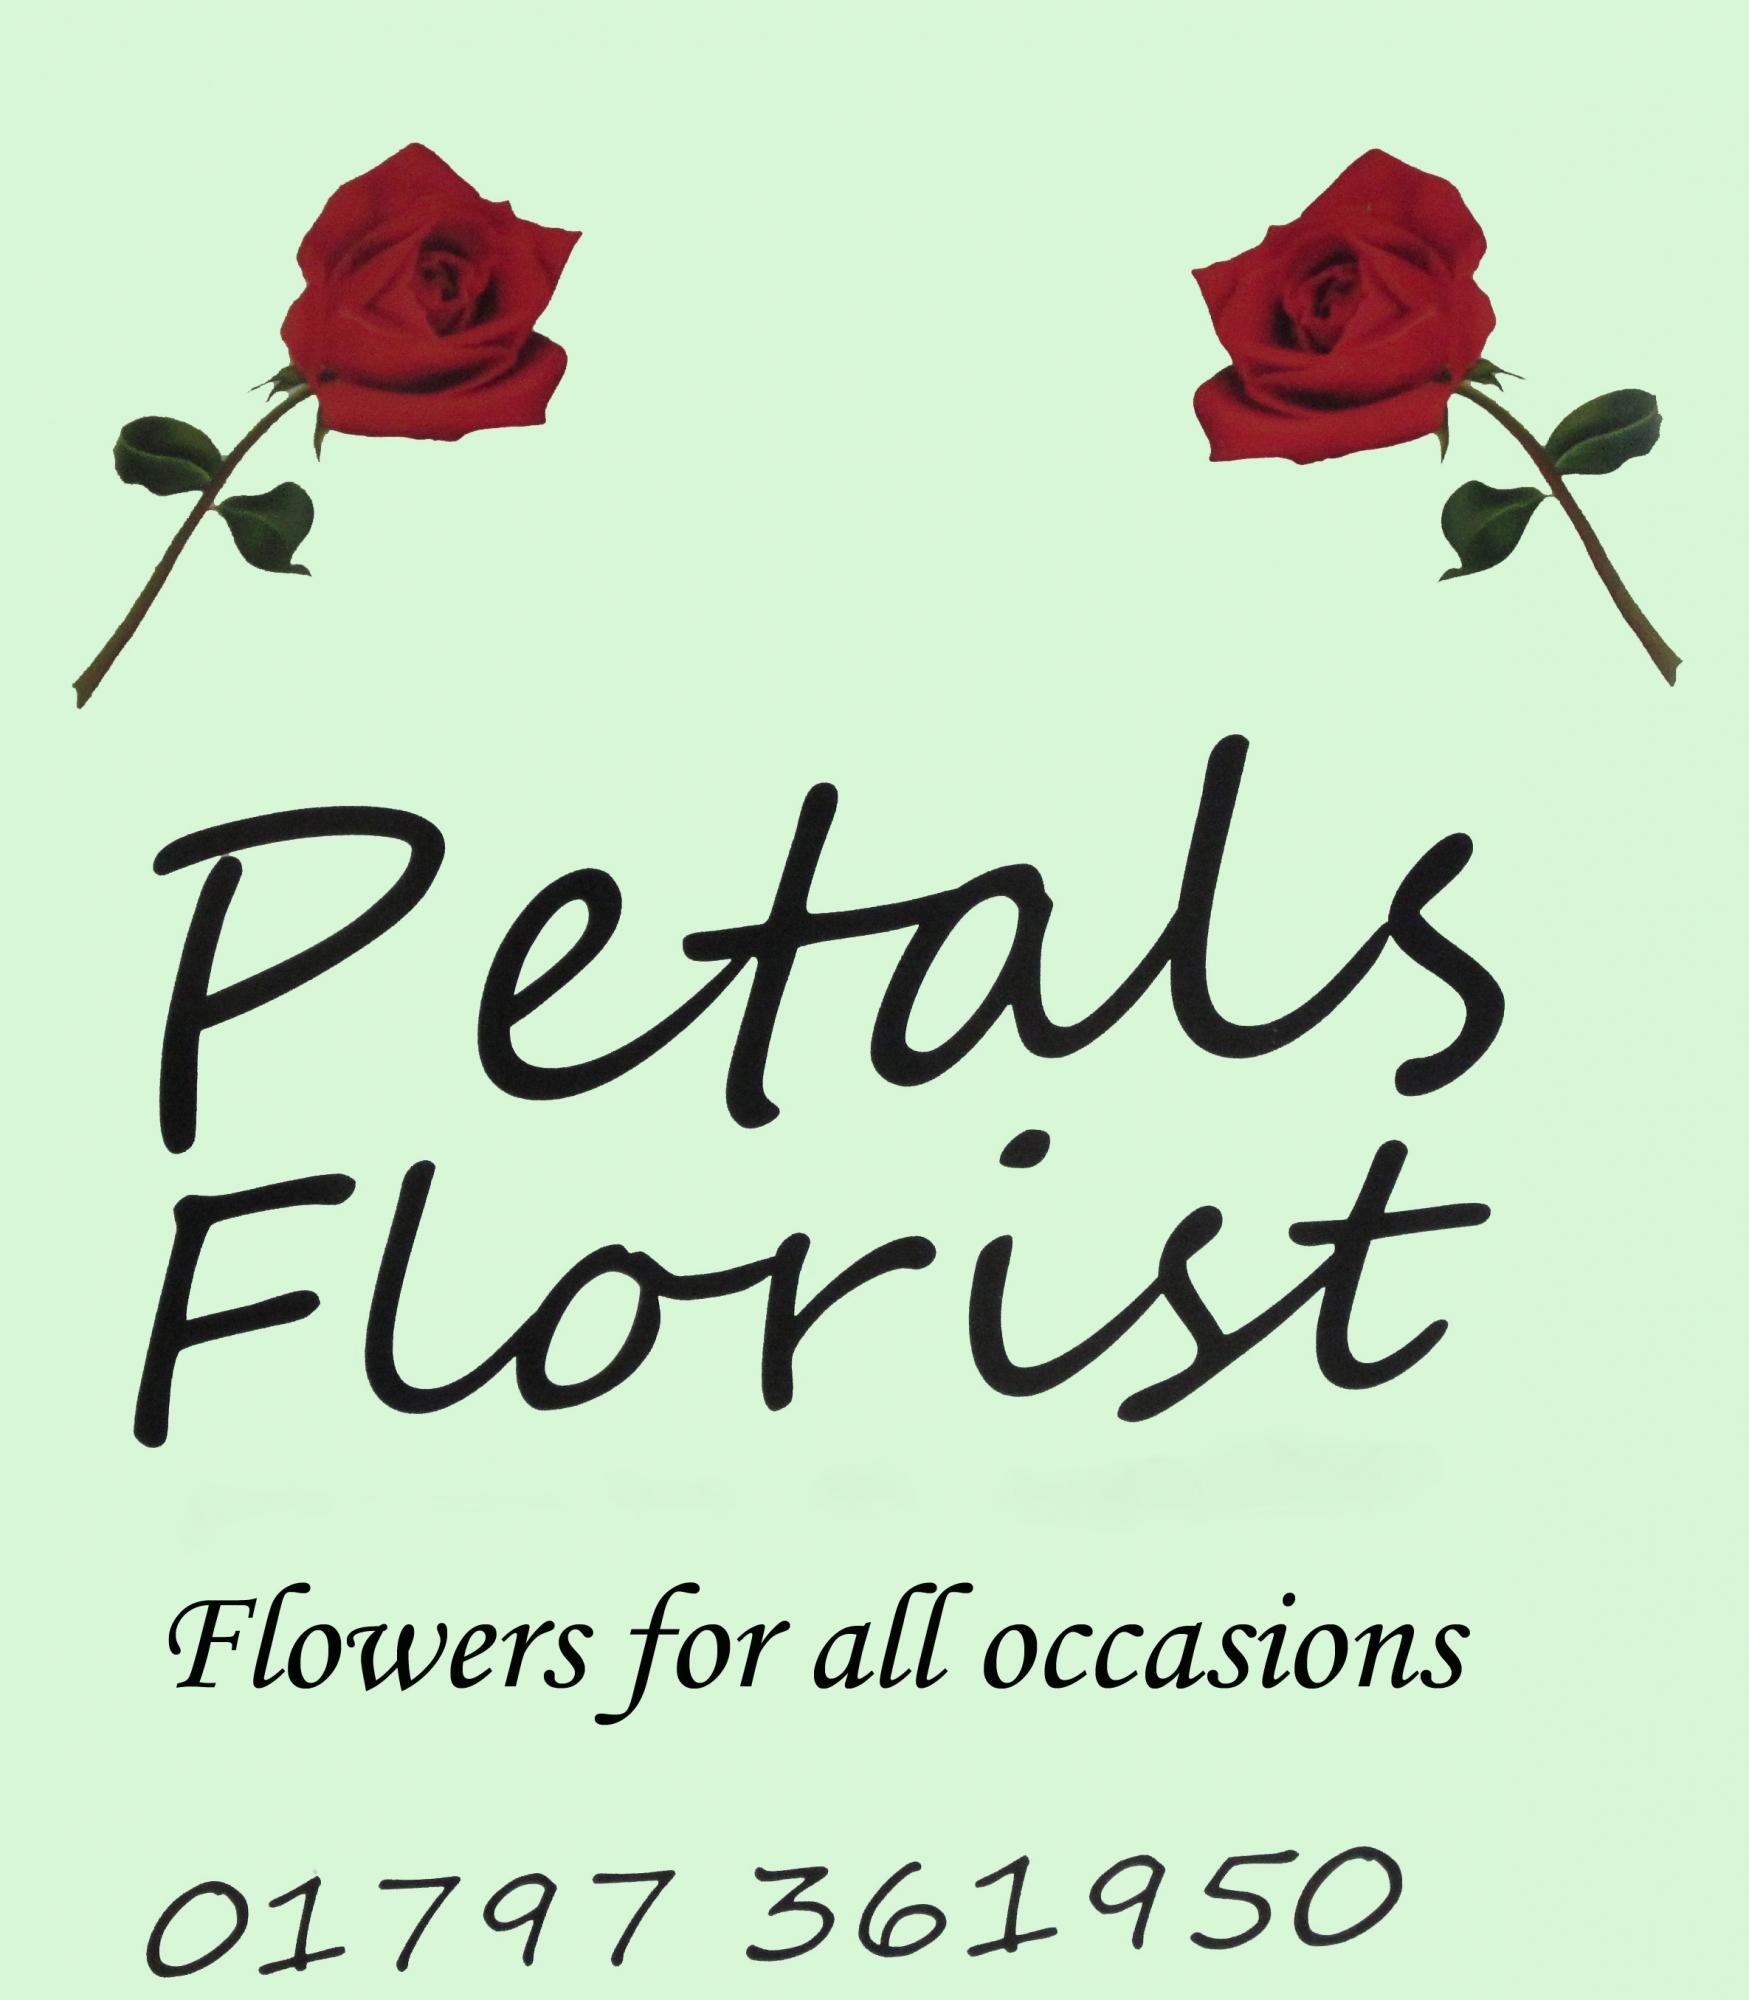 Petals Florist New Romney